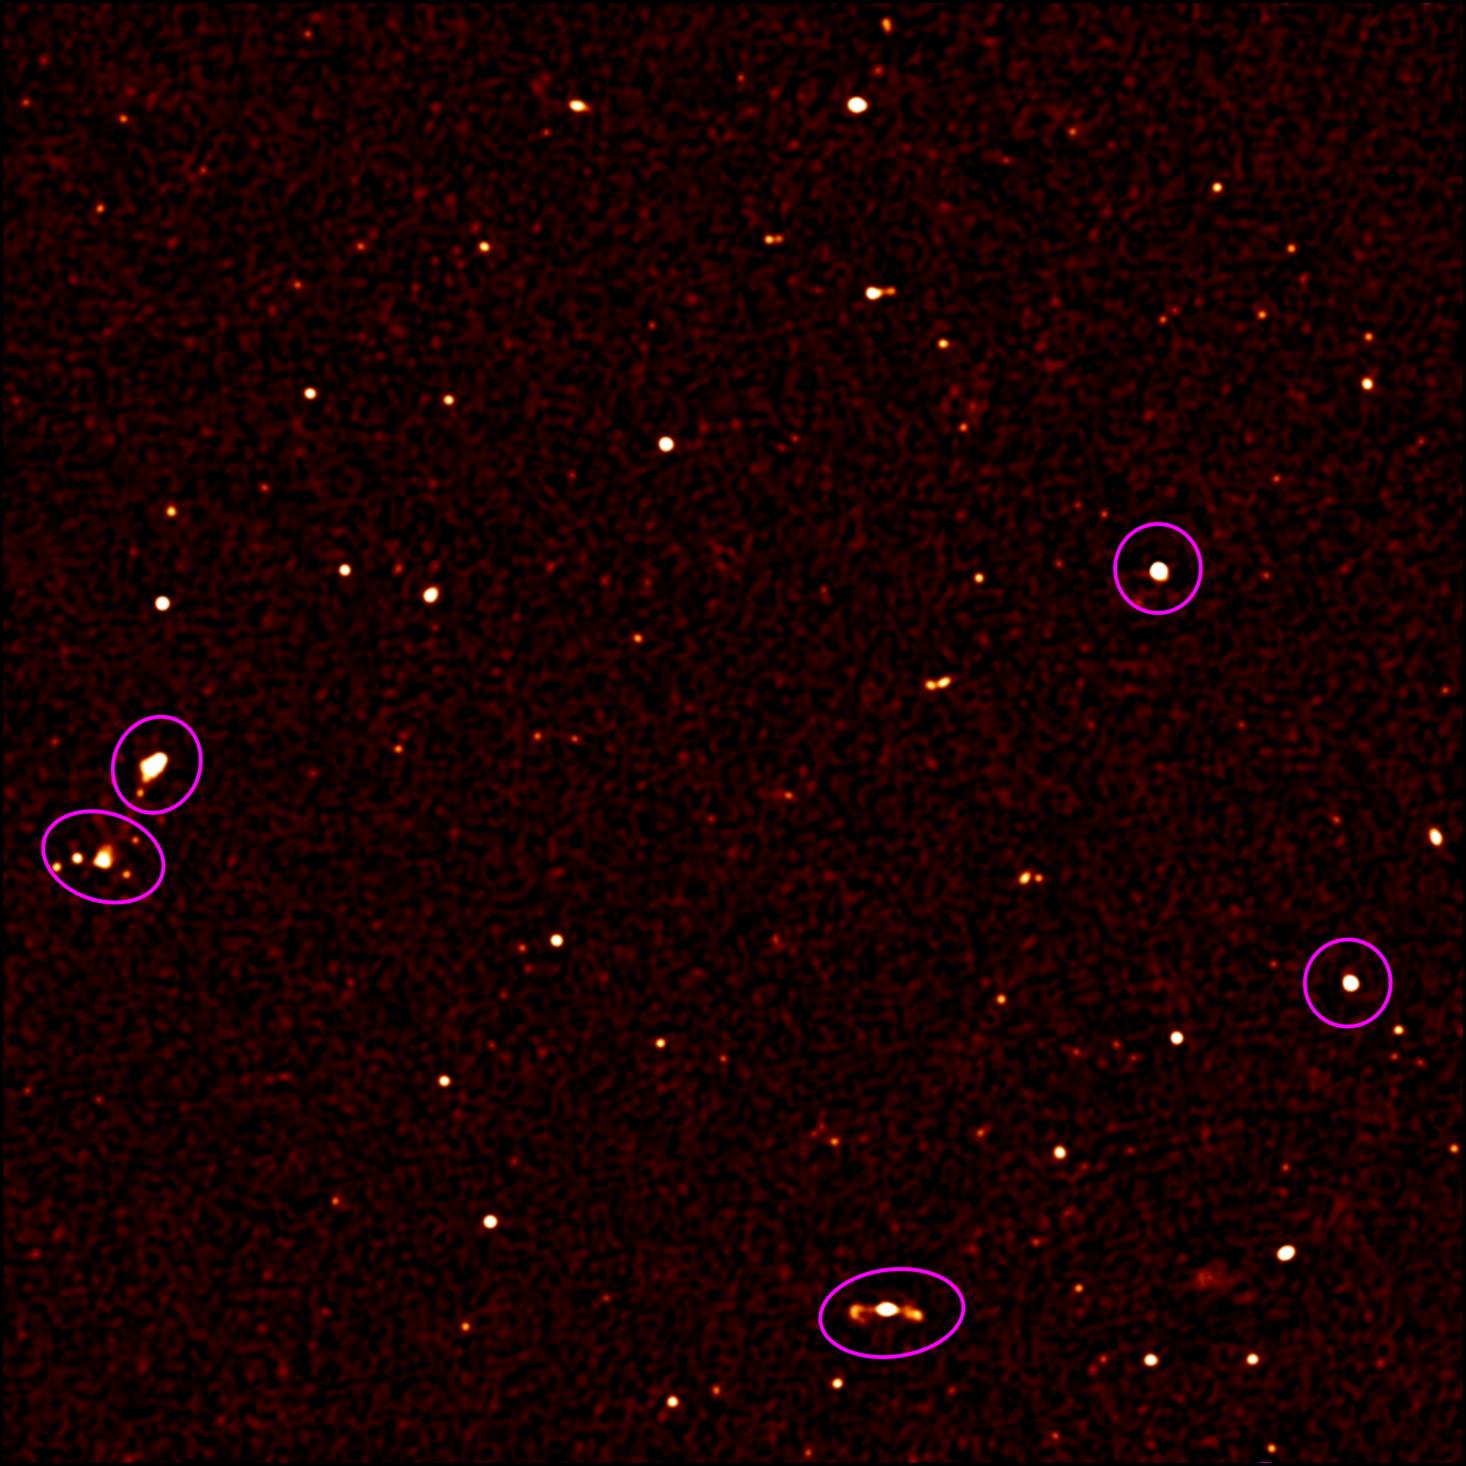 Immagine che mostra il 10% dello scatto realizzato MeerKAT in cui si vedono più di 200 sorgenti radio astronomiche (i punti bianchi). Quelle cerchiate in viola sono le sorgenti radio già conosciute. Questa immagine si estende su un'area grande come la nostra Luna. Crediti: SKA Africa